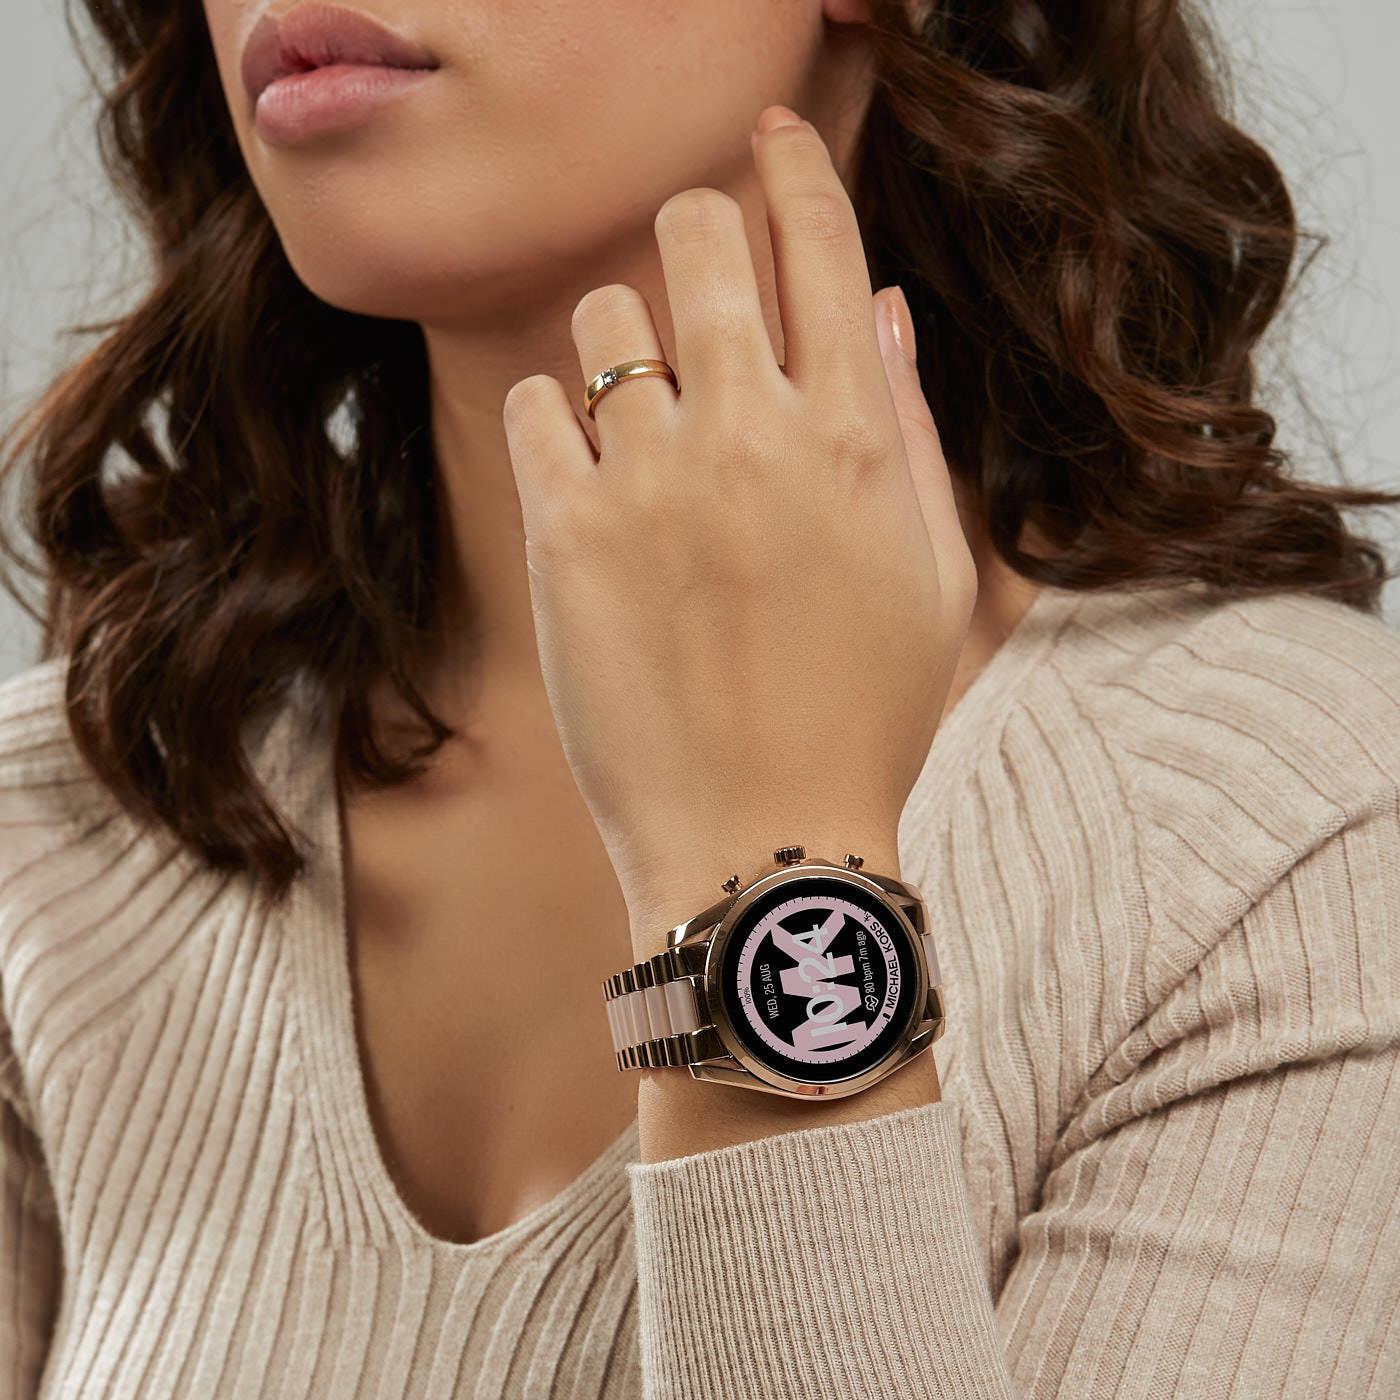 Michael Kors Access Bradshaw Gen 5 Display Smartwatch MKT5090